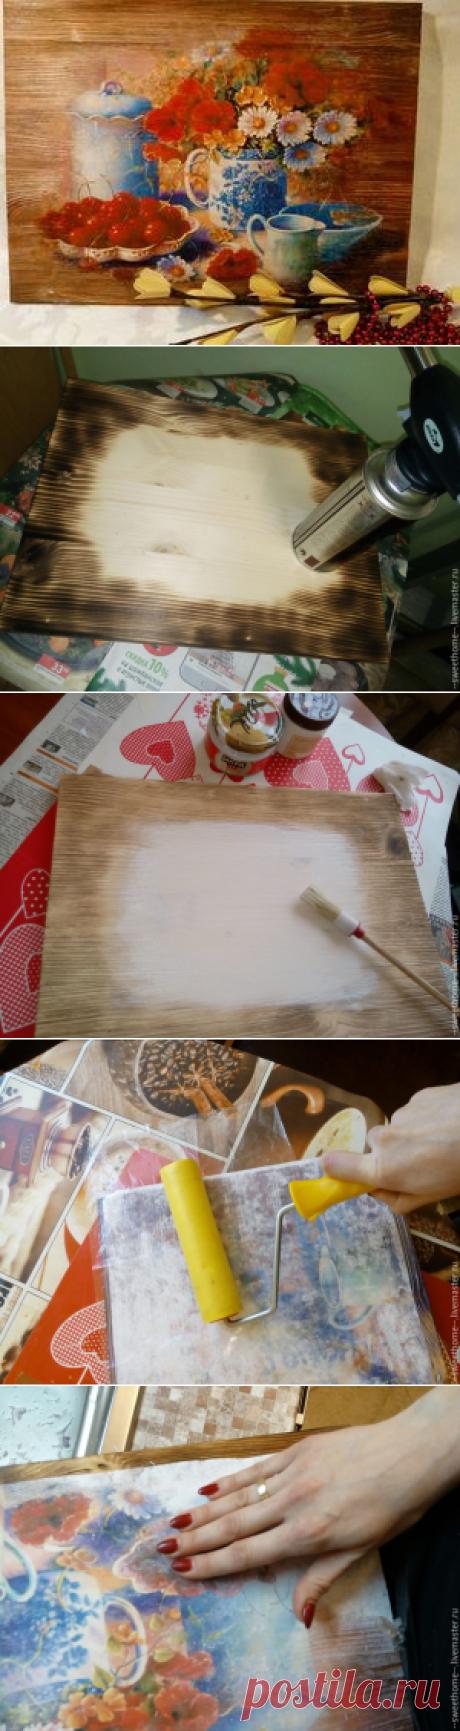 Как вживить лазерную распечатку на брашированную поверхность - Ярмарка Мастеров - ручная работа, handmade